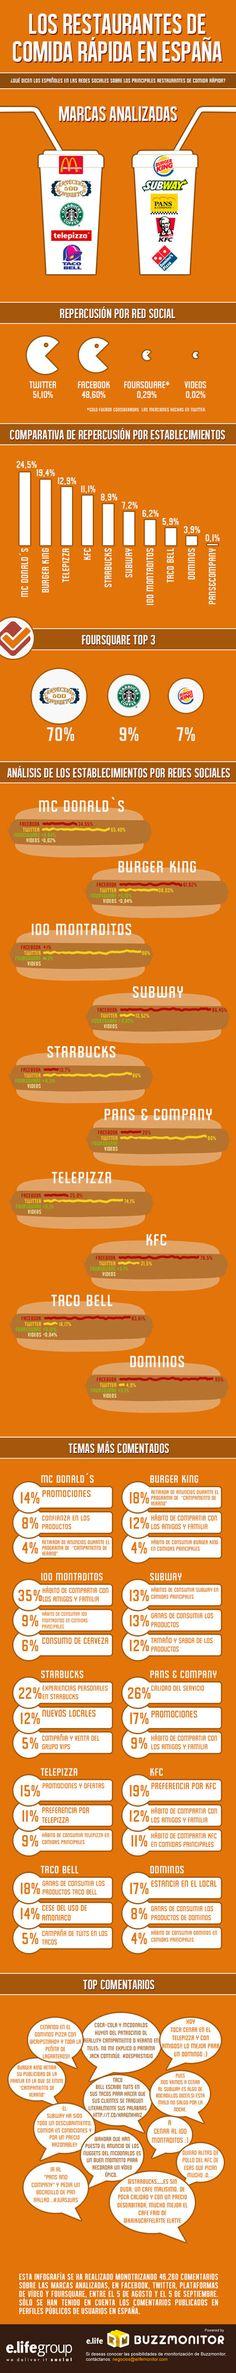 Restaurantes comida rápida en Redes Sociales (España) #infografia #infographic #socialmedia